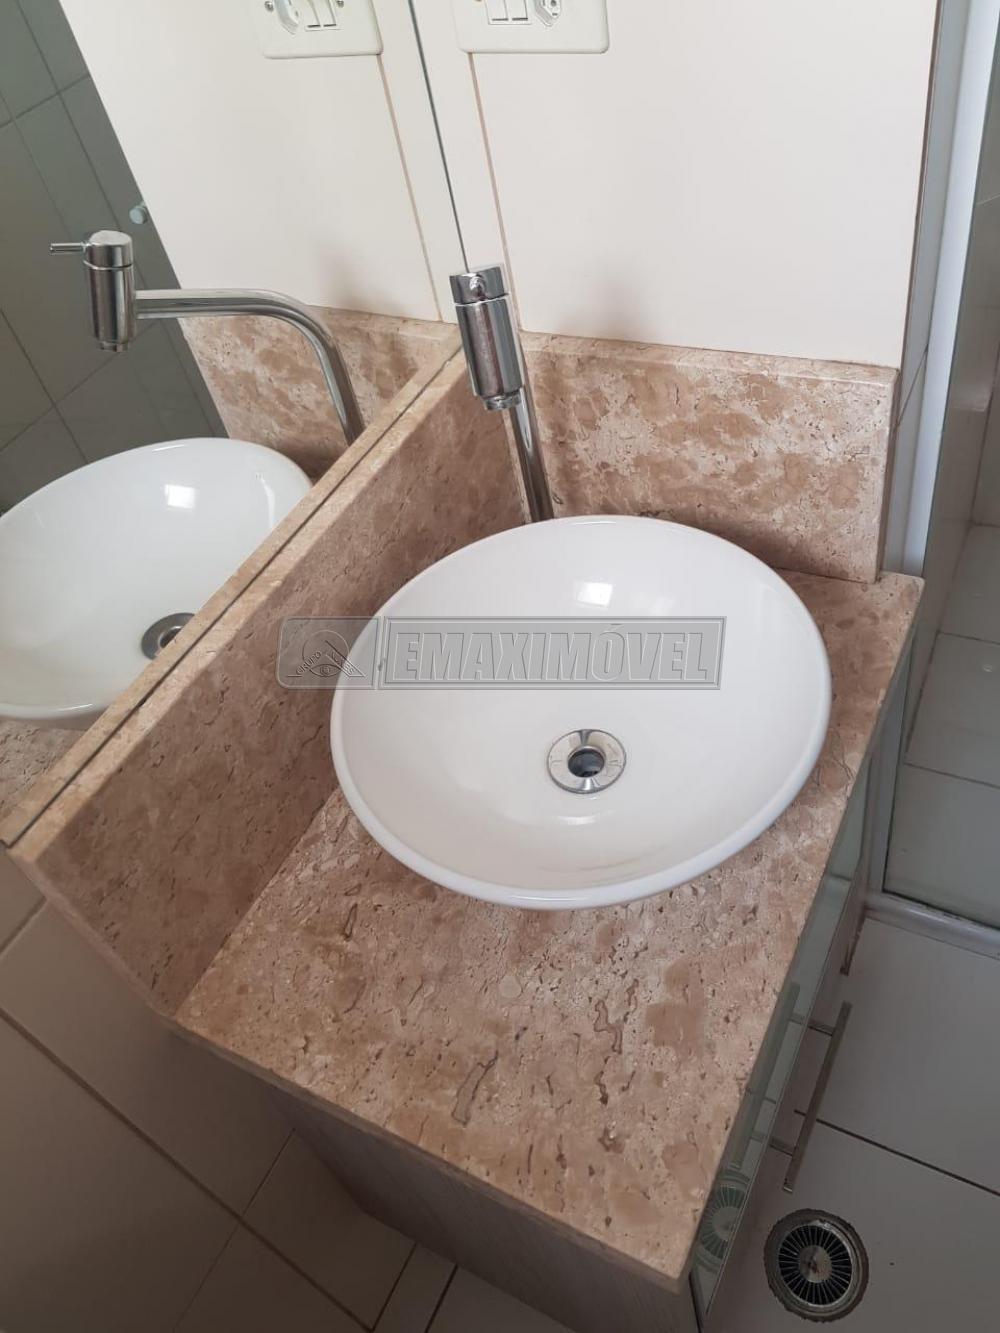 Comprar Apartamentos / Apto Padrão em Sorocaba apenas R$ 185.000,00 - Foto 9